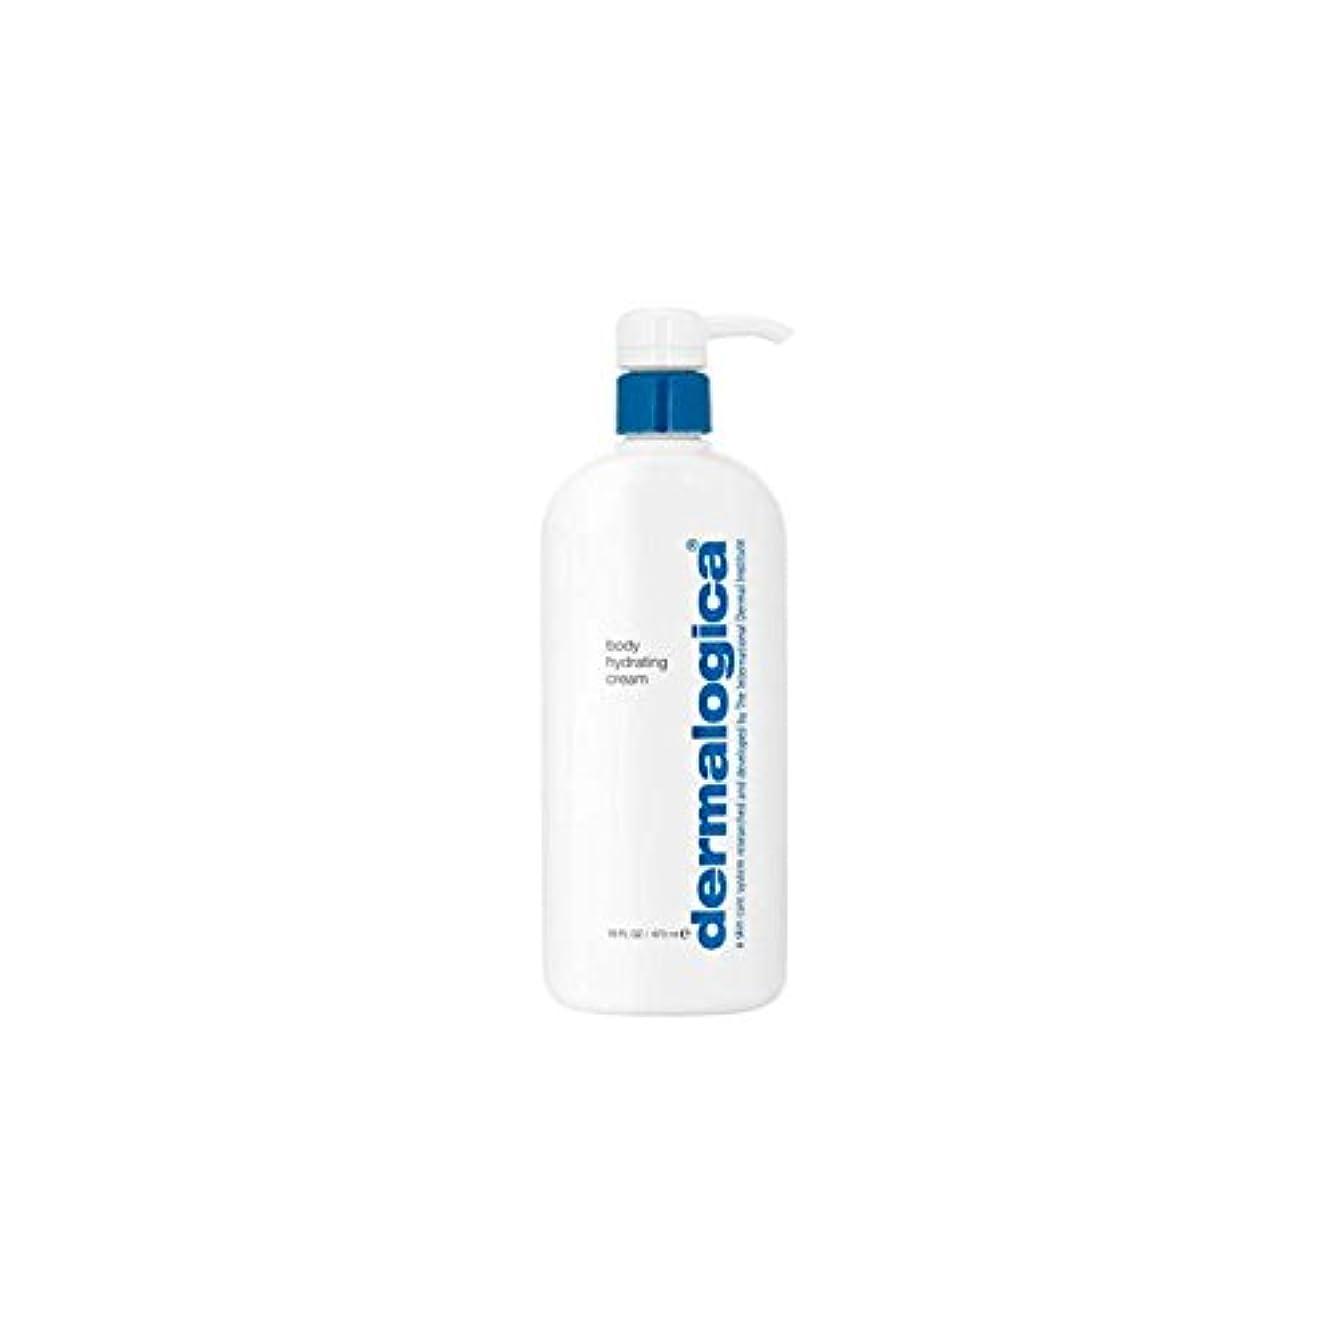 石化する有名アノイ[Dermalogica ] ダーマロジカボディハイドレイティングクリーム(473ミリリットル) - Dermalogica Body Hydrating Cream (473ml) [並行輸入品]